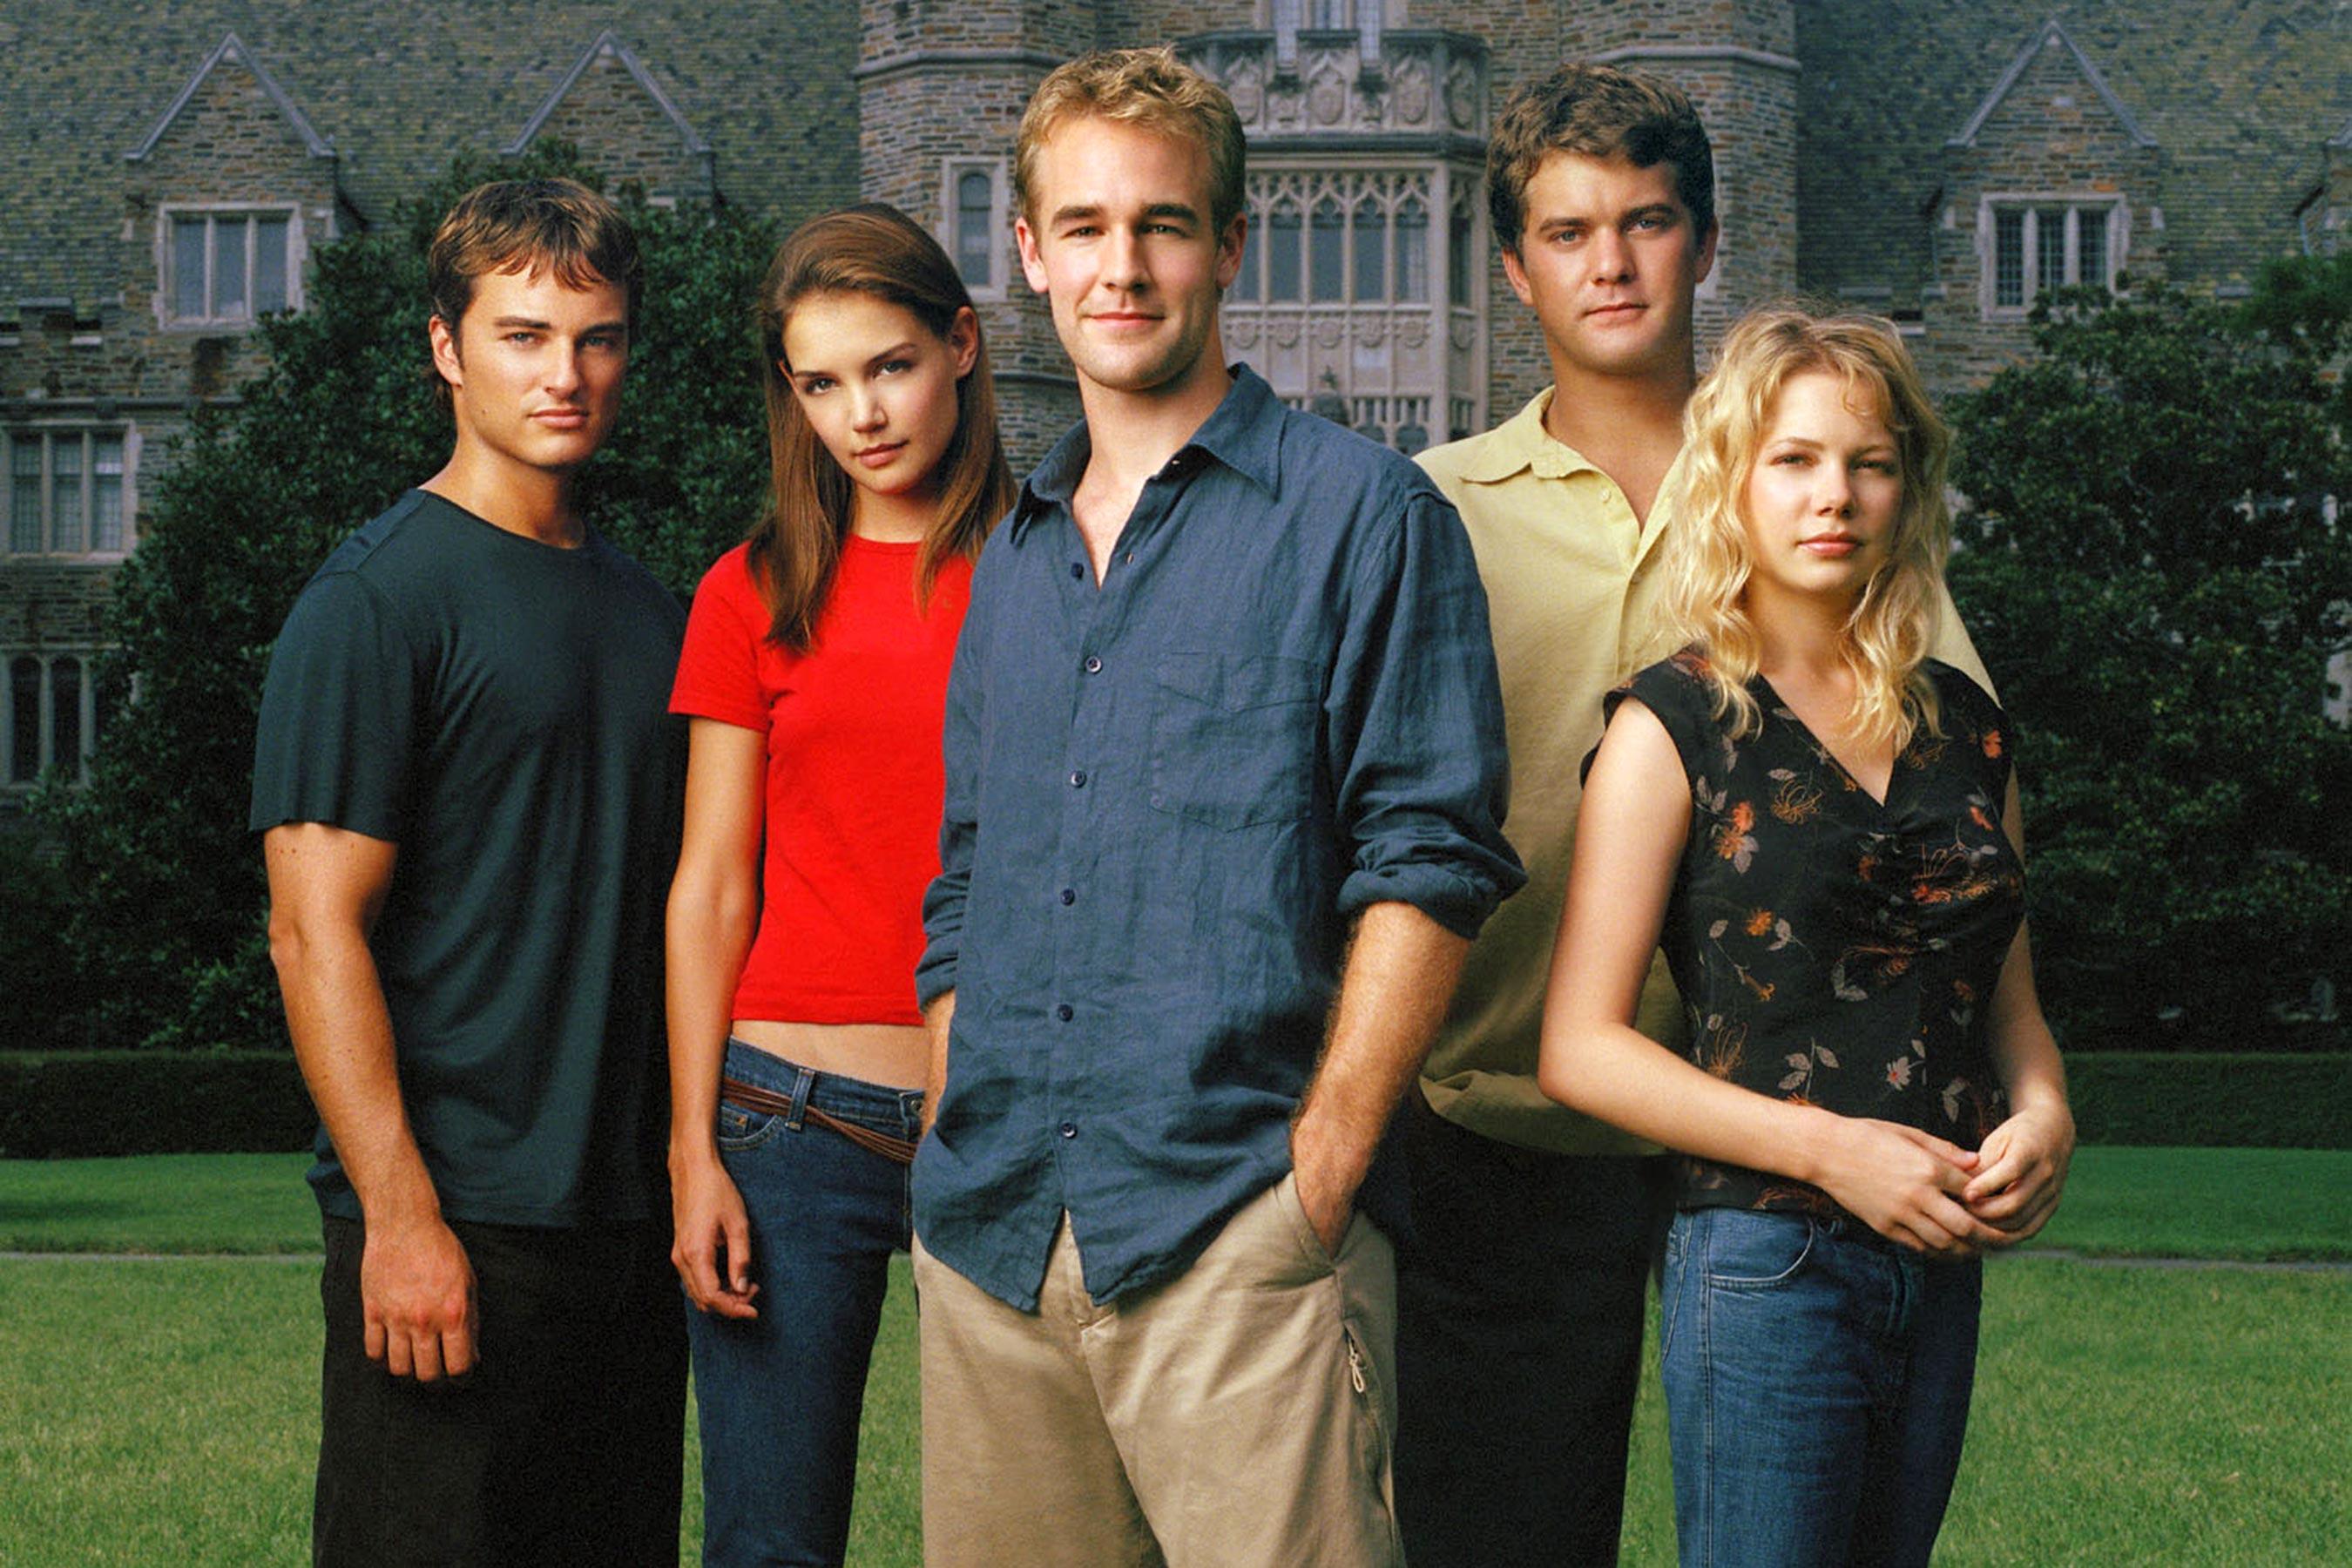 Reunion di Dawson's Creek: ecco dove sarebbero oggi Dawson, Joey e Pacey